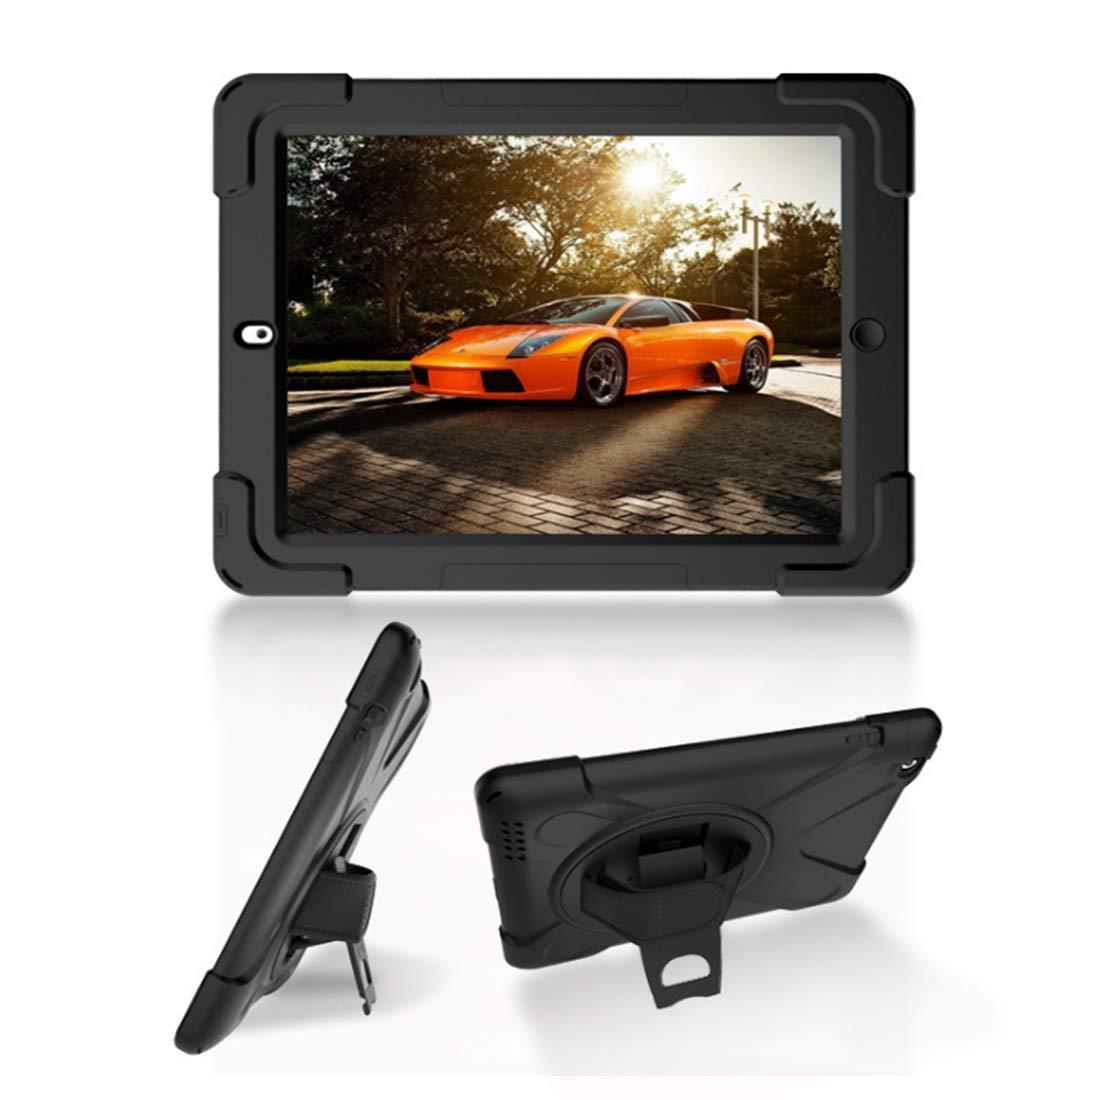 【お年玉セール特価】 KRPENRIO 2層デザイン 高耐久 9.7インチ フルボディ 頑丈 保護ケース 内蔵スクリーンプロテクター& 2層デザイン Apple iPad B07L8CX46D 9.7インチ 2017/2018に対応 (カラー:ブラック、サイズ:iPad mini123) B07L8CX46D, FT IMPORT:dd910532 --- a0267596.xsph.ru